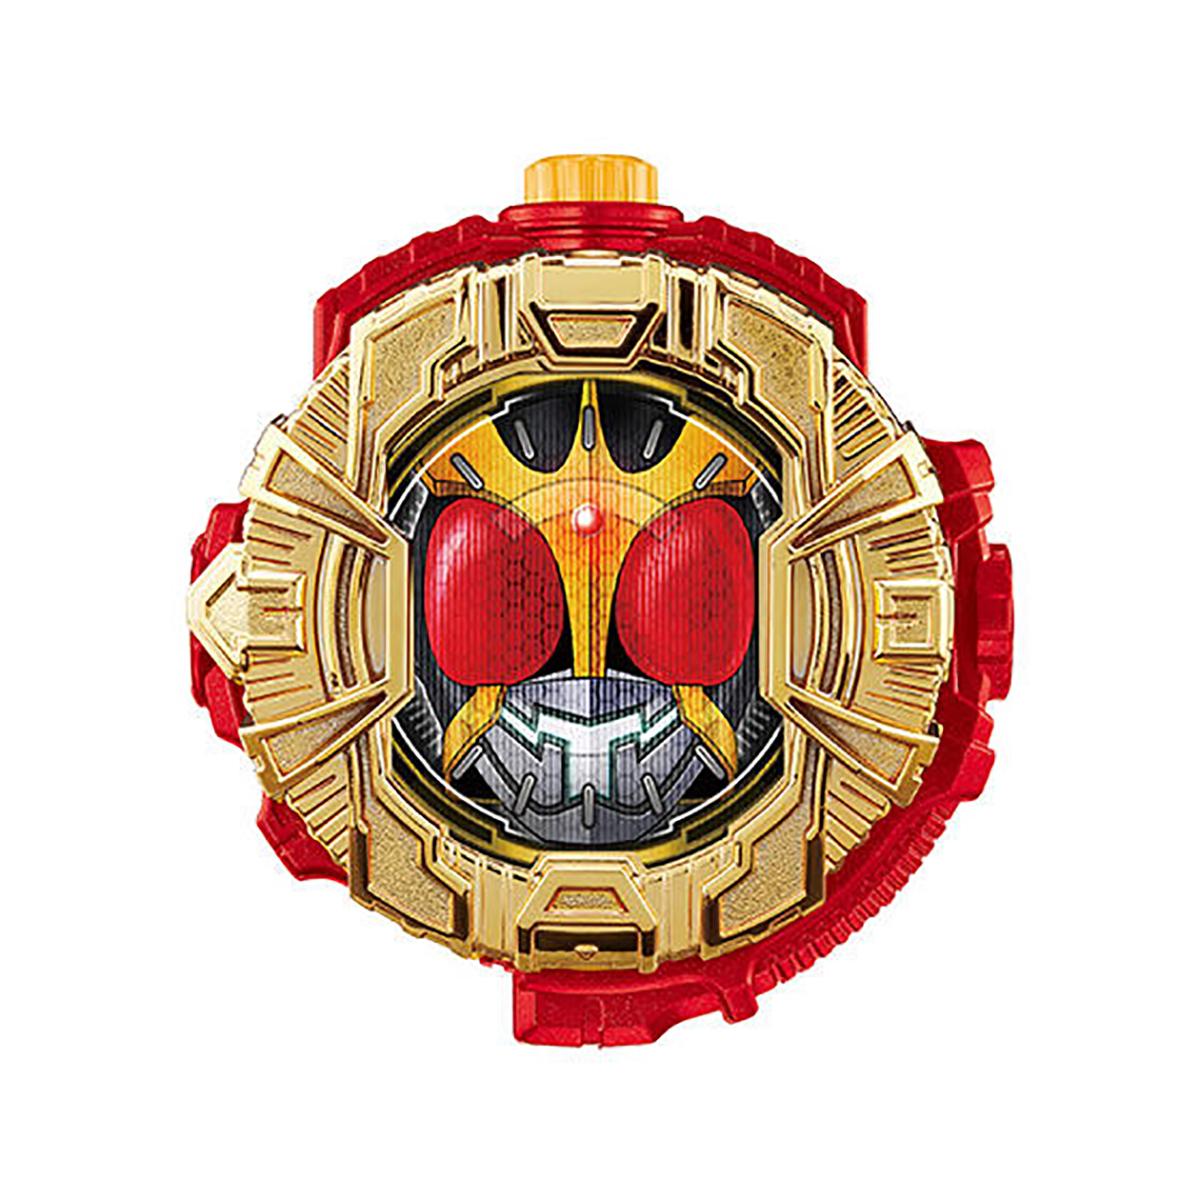 仮面ライダージオウ サウンドライドウォッチシリーズ『GPライドウォッチ08』ガシャポン-005